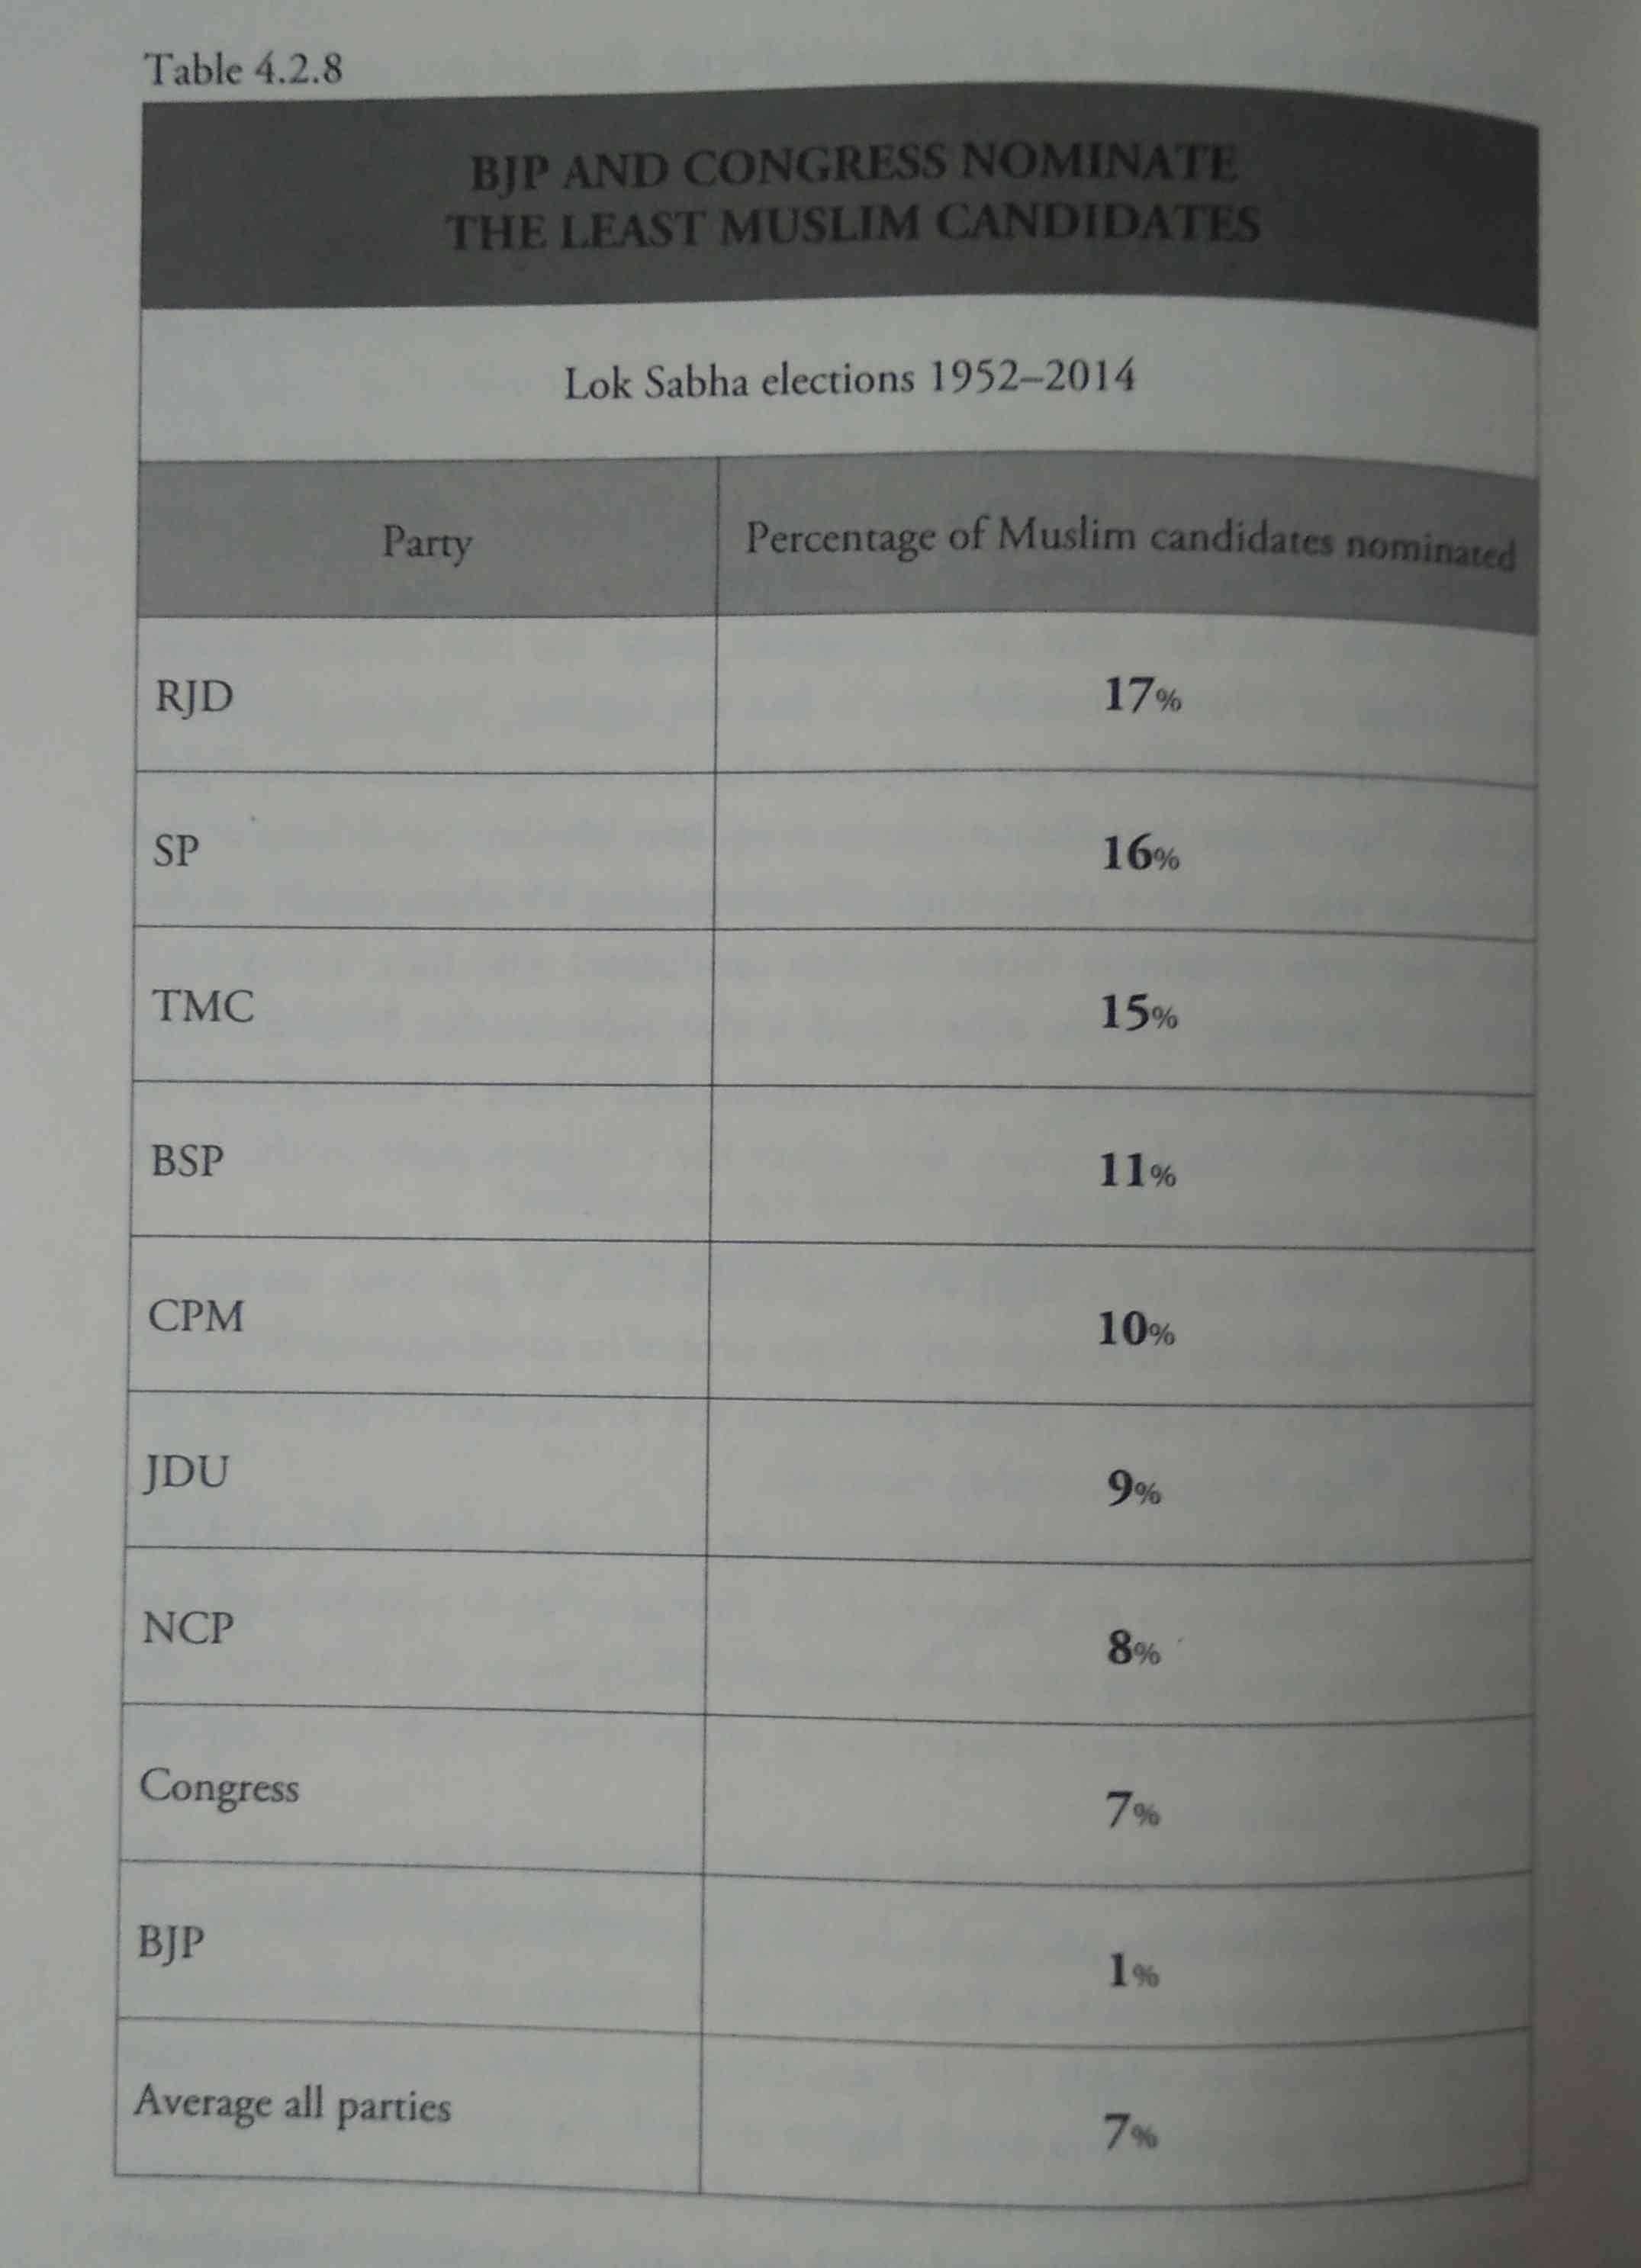 अब तक हुए 16 लोकसभा चुनावों में पार्टीवार मुसलमान उम्मीदवारों की हिस्सेदारी | साभार : द वर्डिक्ट